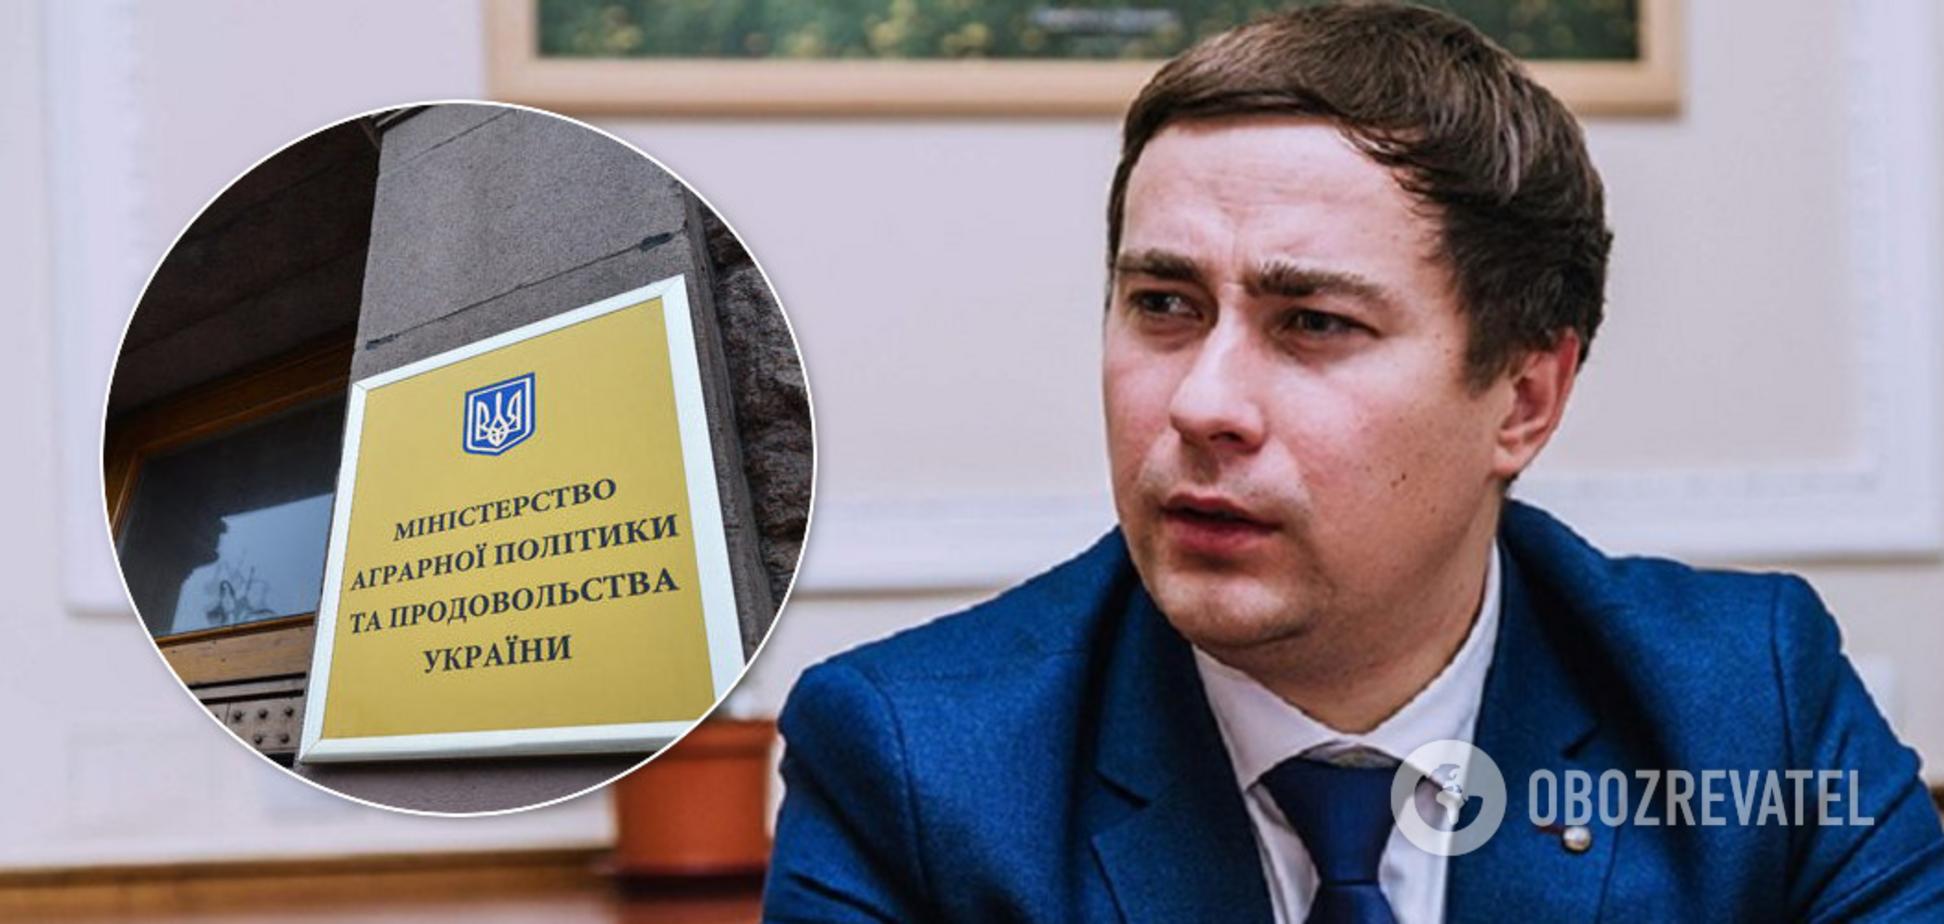 Міністр аграрної політики Роман Лещенко